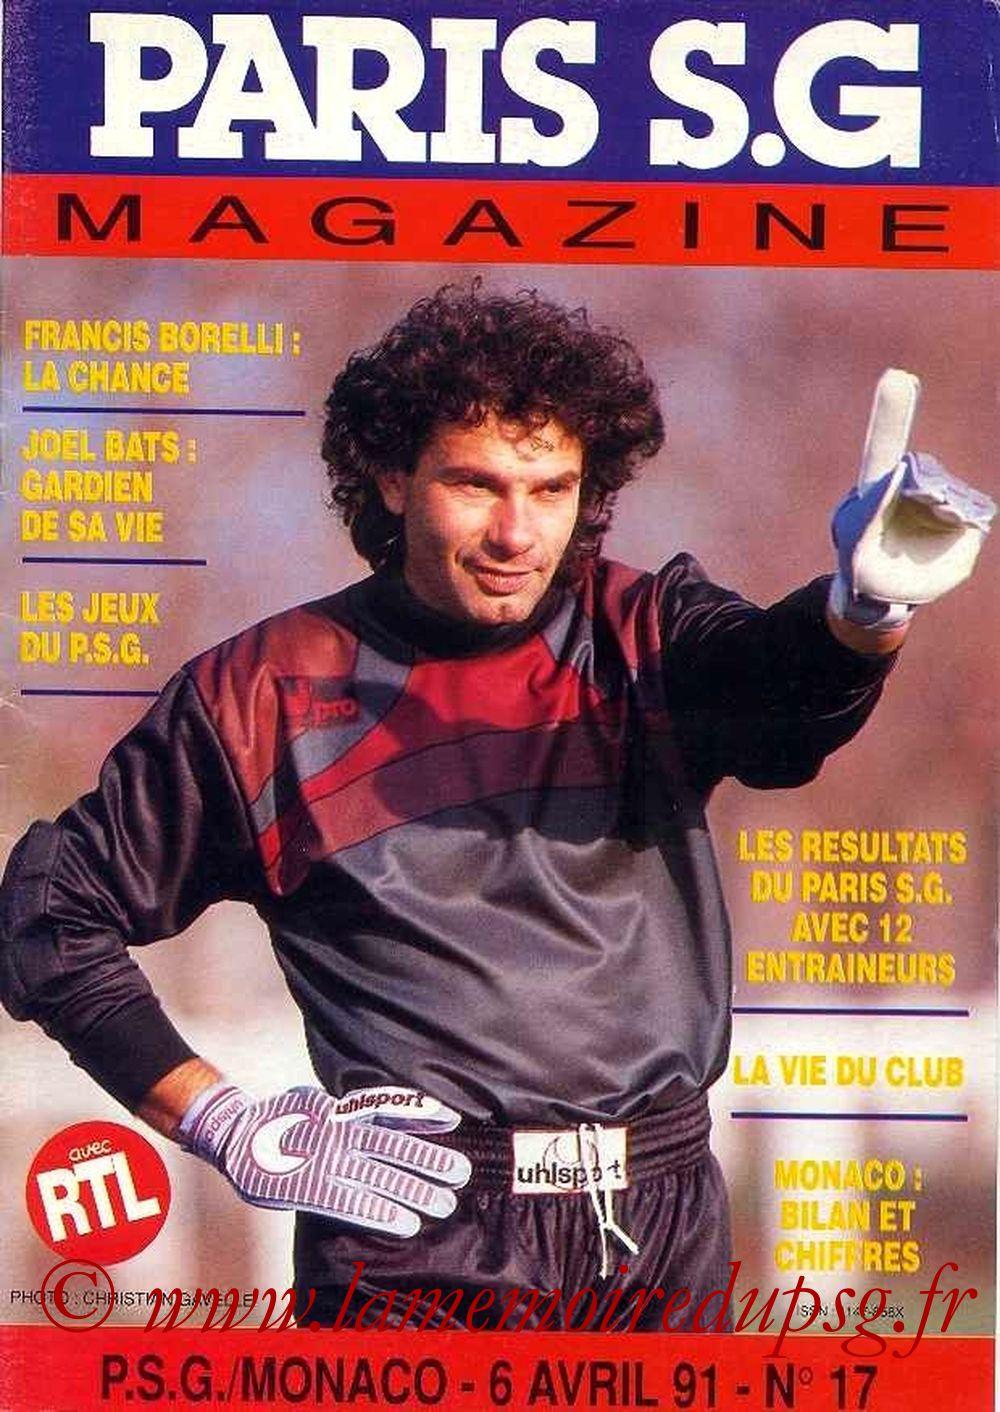 1991-04-06  PSG-Monaco (32ème D1, Paris SG Magazine N°17)